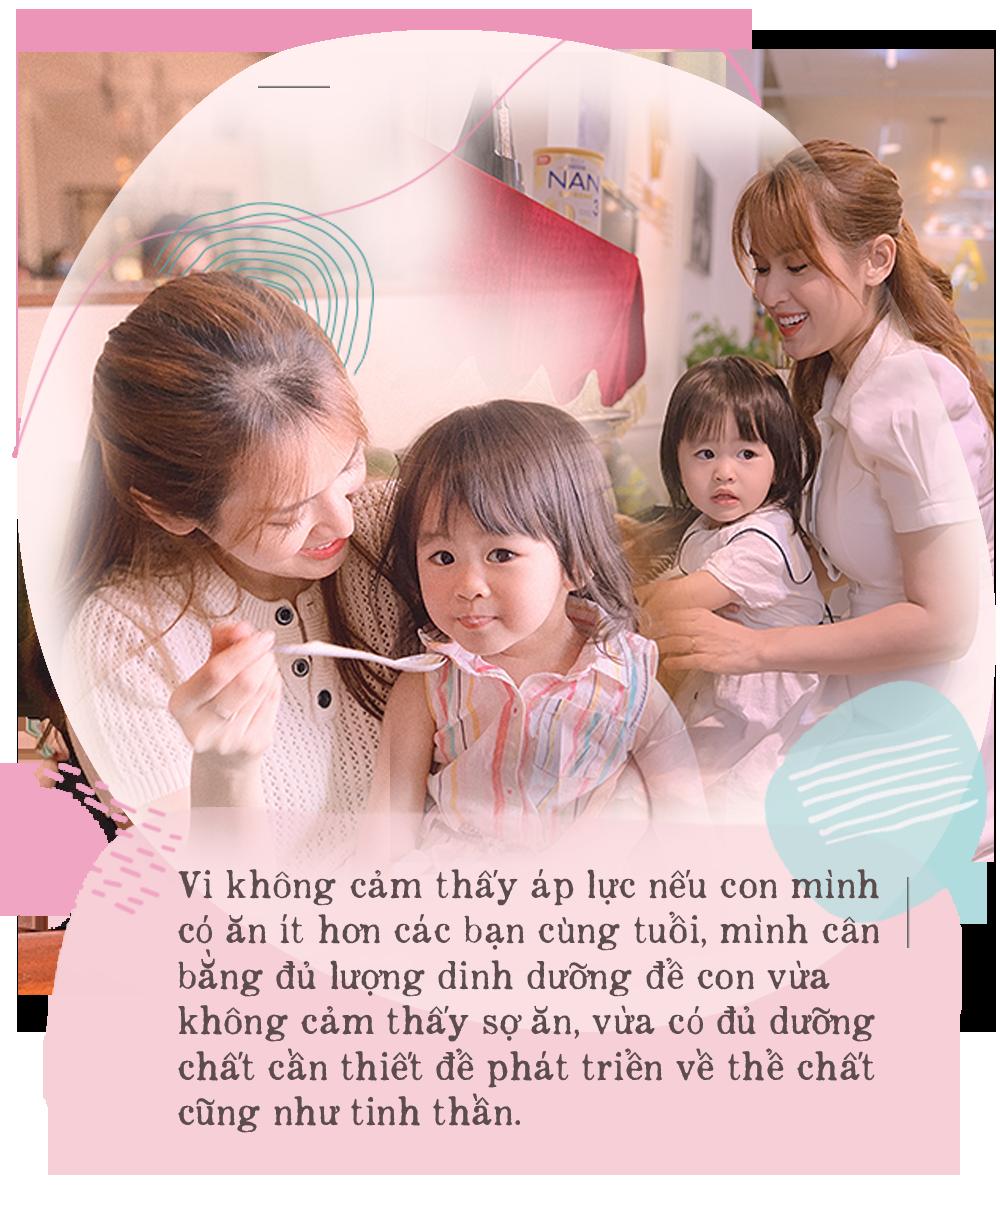 """Vợ chồng cùng là diễn viên, hot mom Tú Vi hạnh phúc tiết lộ tiềm năng đặc biệt đúng chuẩn """"con nhà nòi"""" của công chúa nhỏ dù mới hơn 2 tuổi - Ảnh 4."""